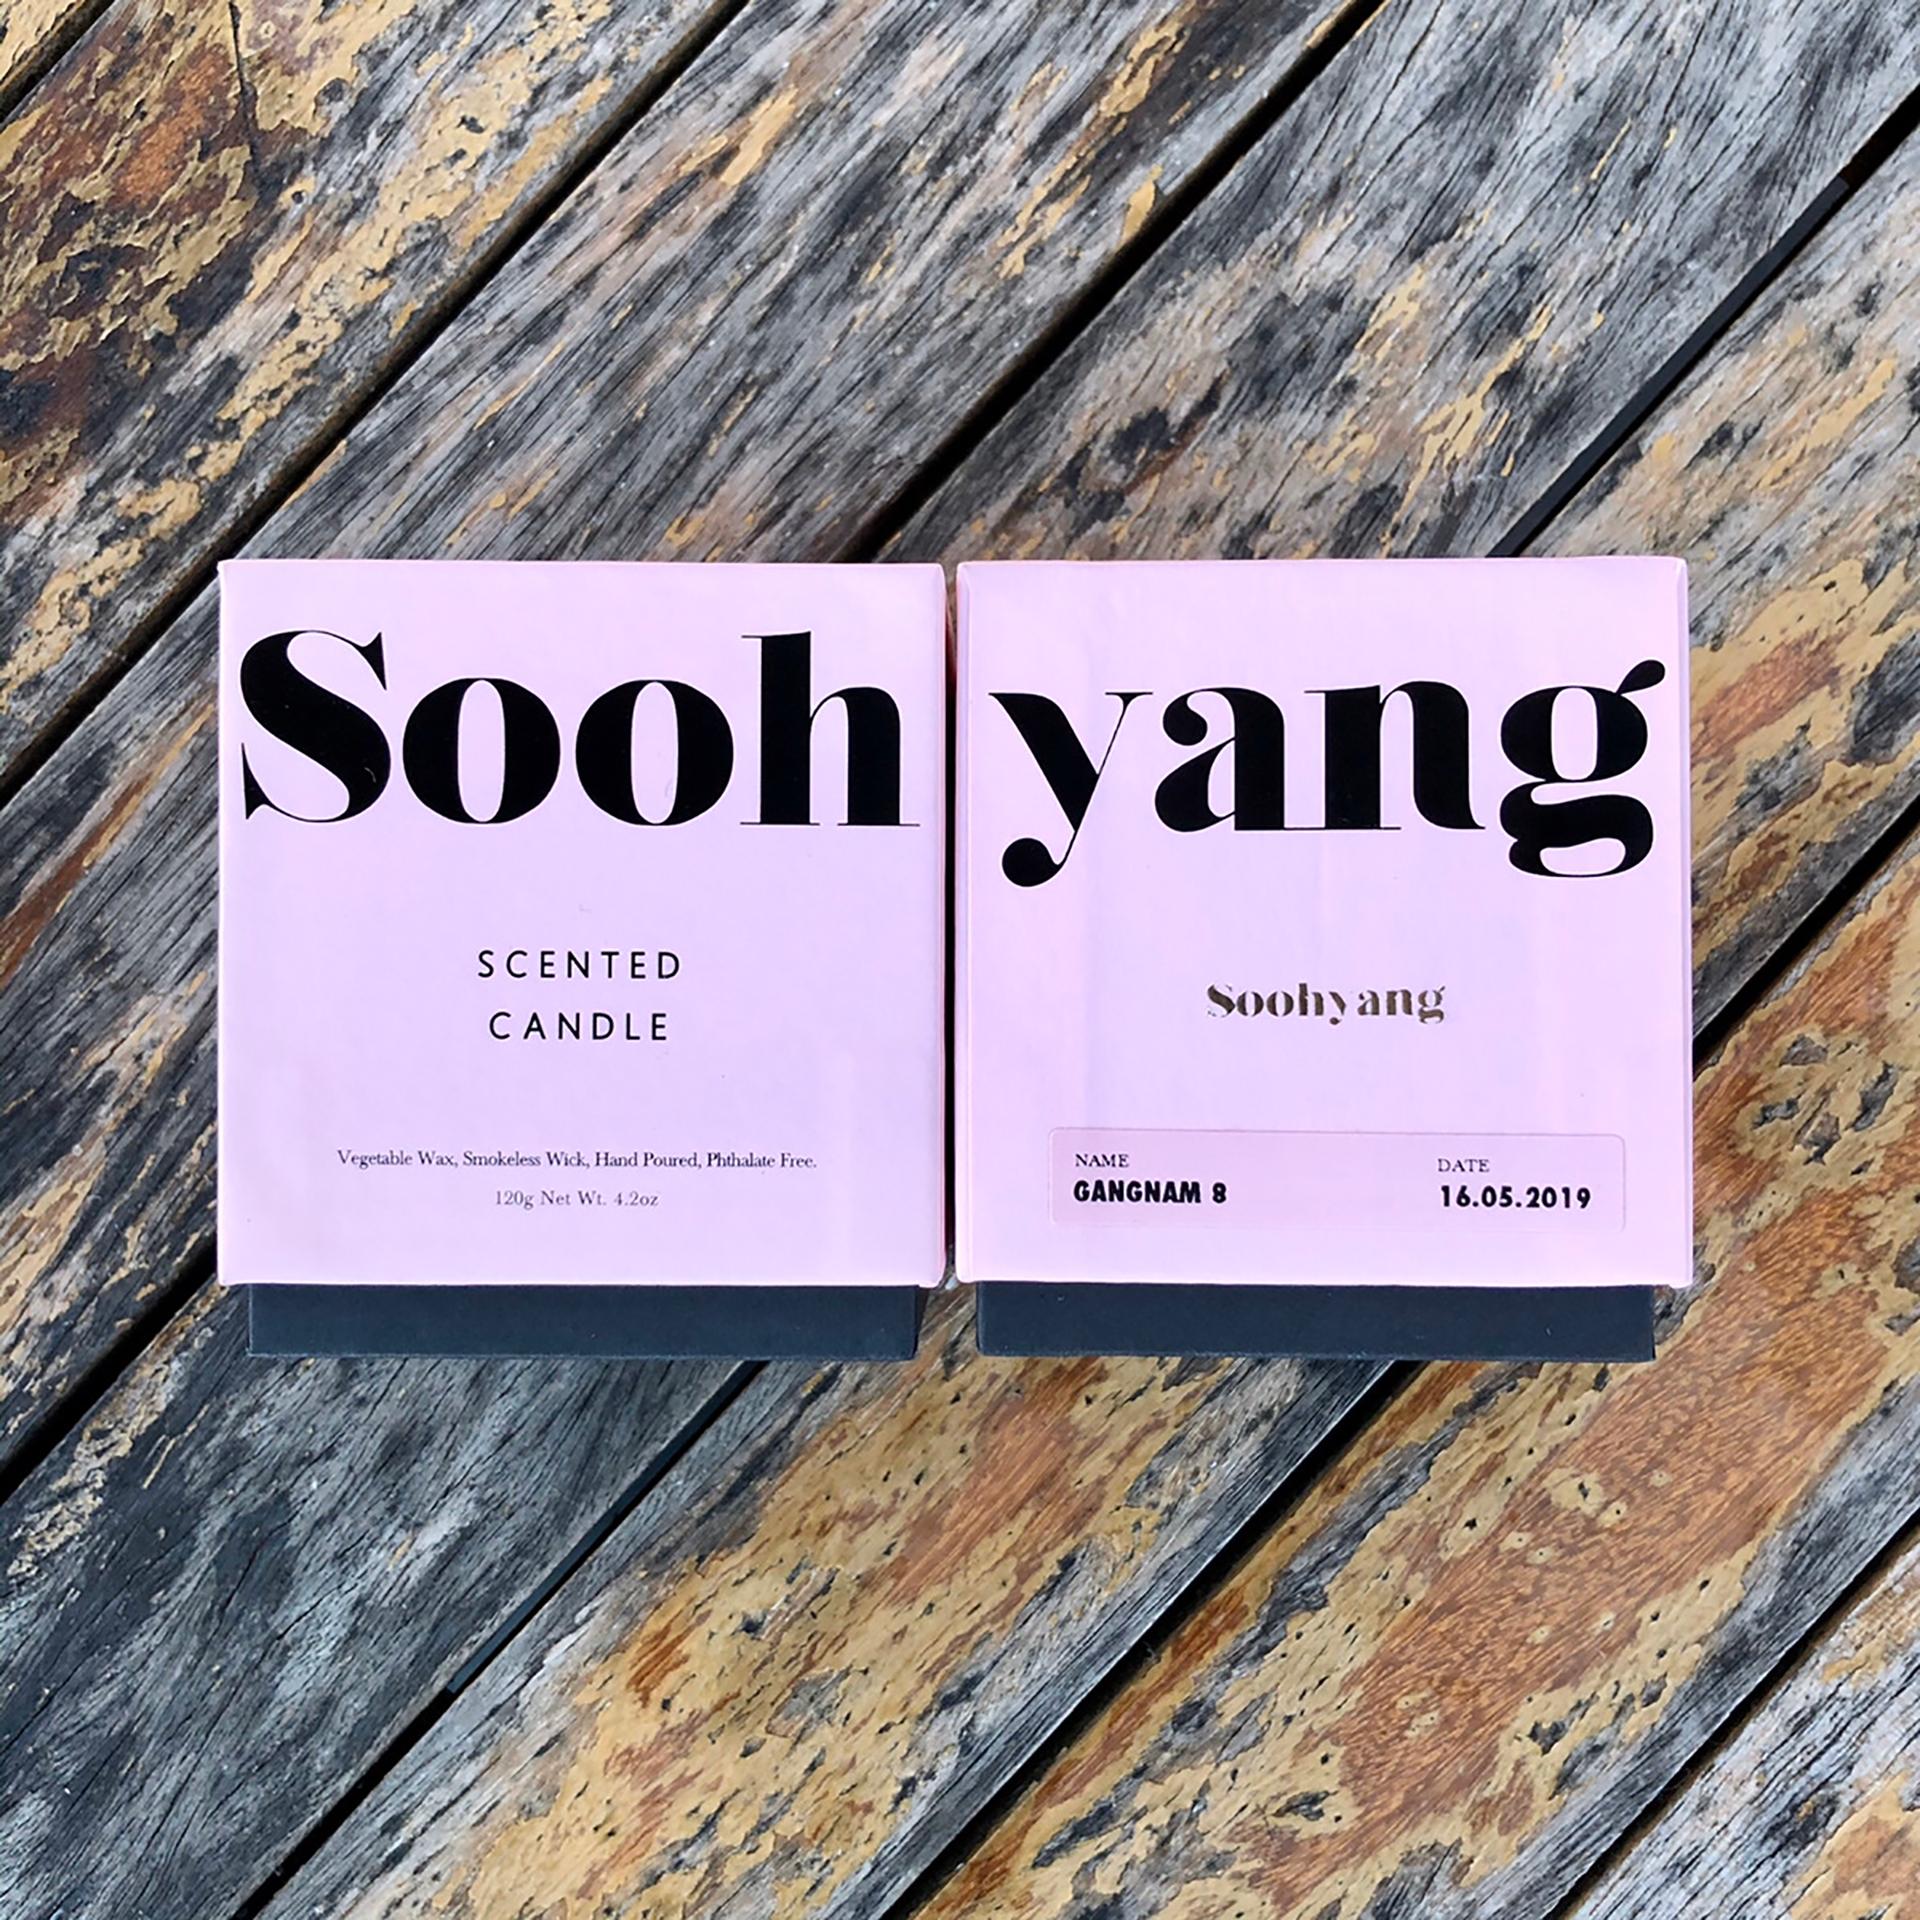 Soohyang - スヒャン -